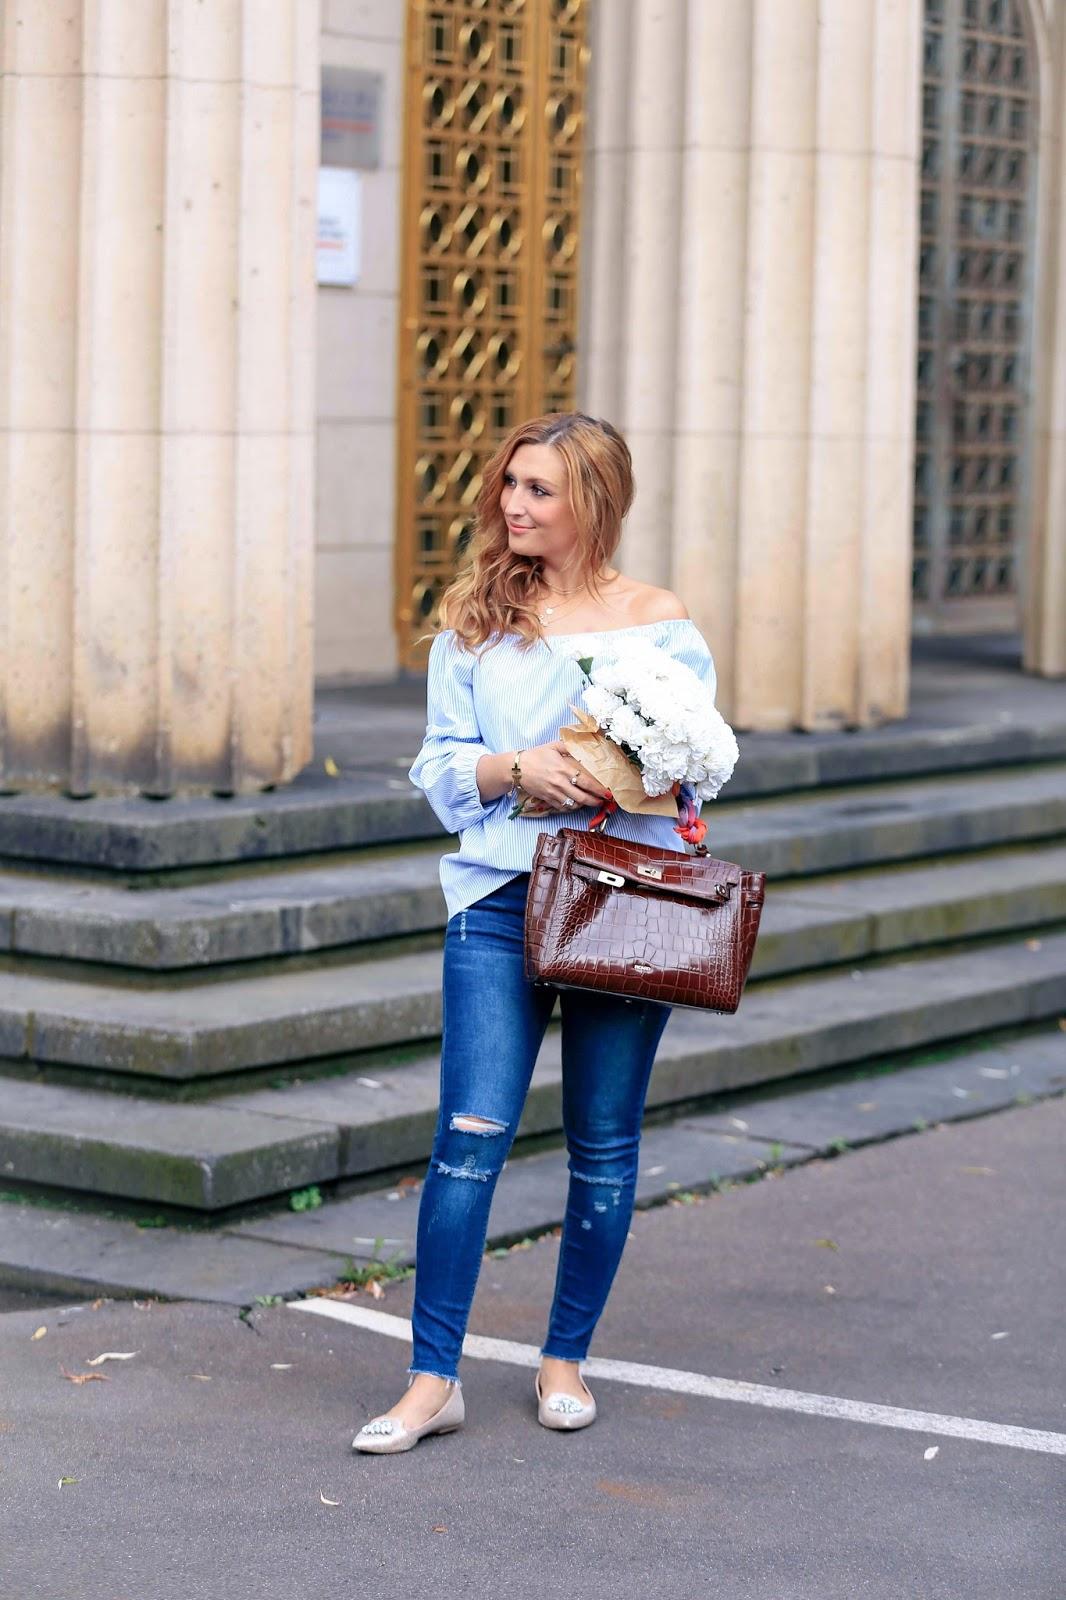 Fashionstylebyjohanna-blogger-aus-deutschland-deutsche-fashionblogger